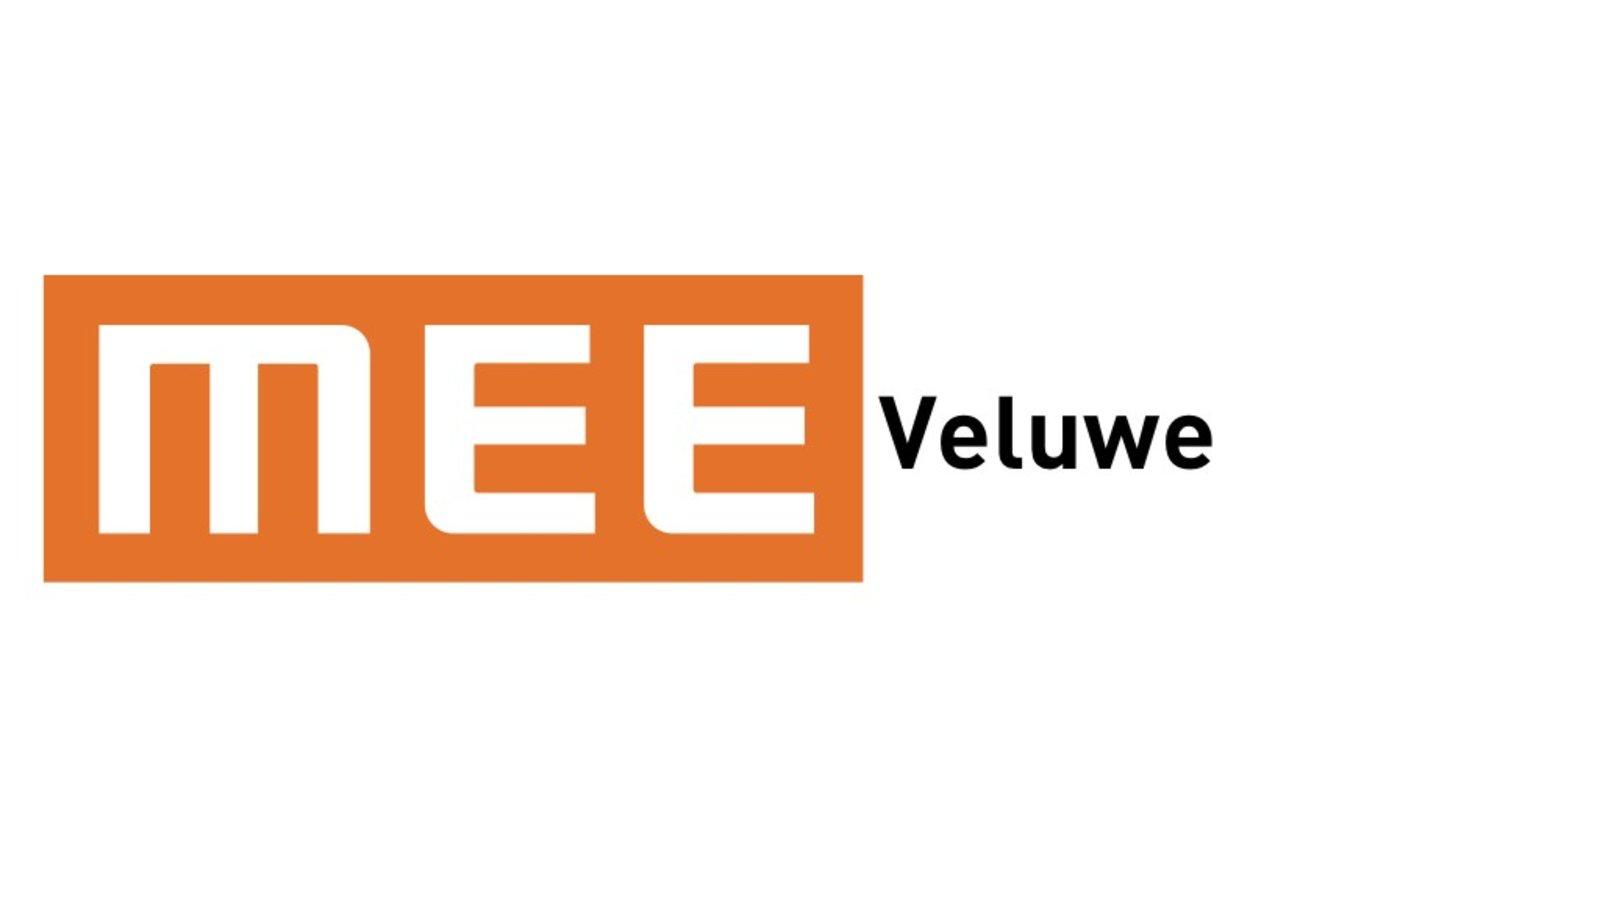 https://welsaam.nl/wp-content/uploads/2018/09/logo-MEE_Veluwe-c98ce6440bb7a5852df262898fde080f.jpg